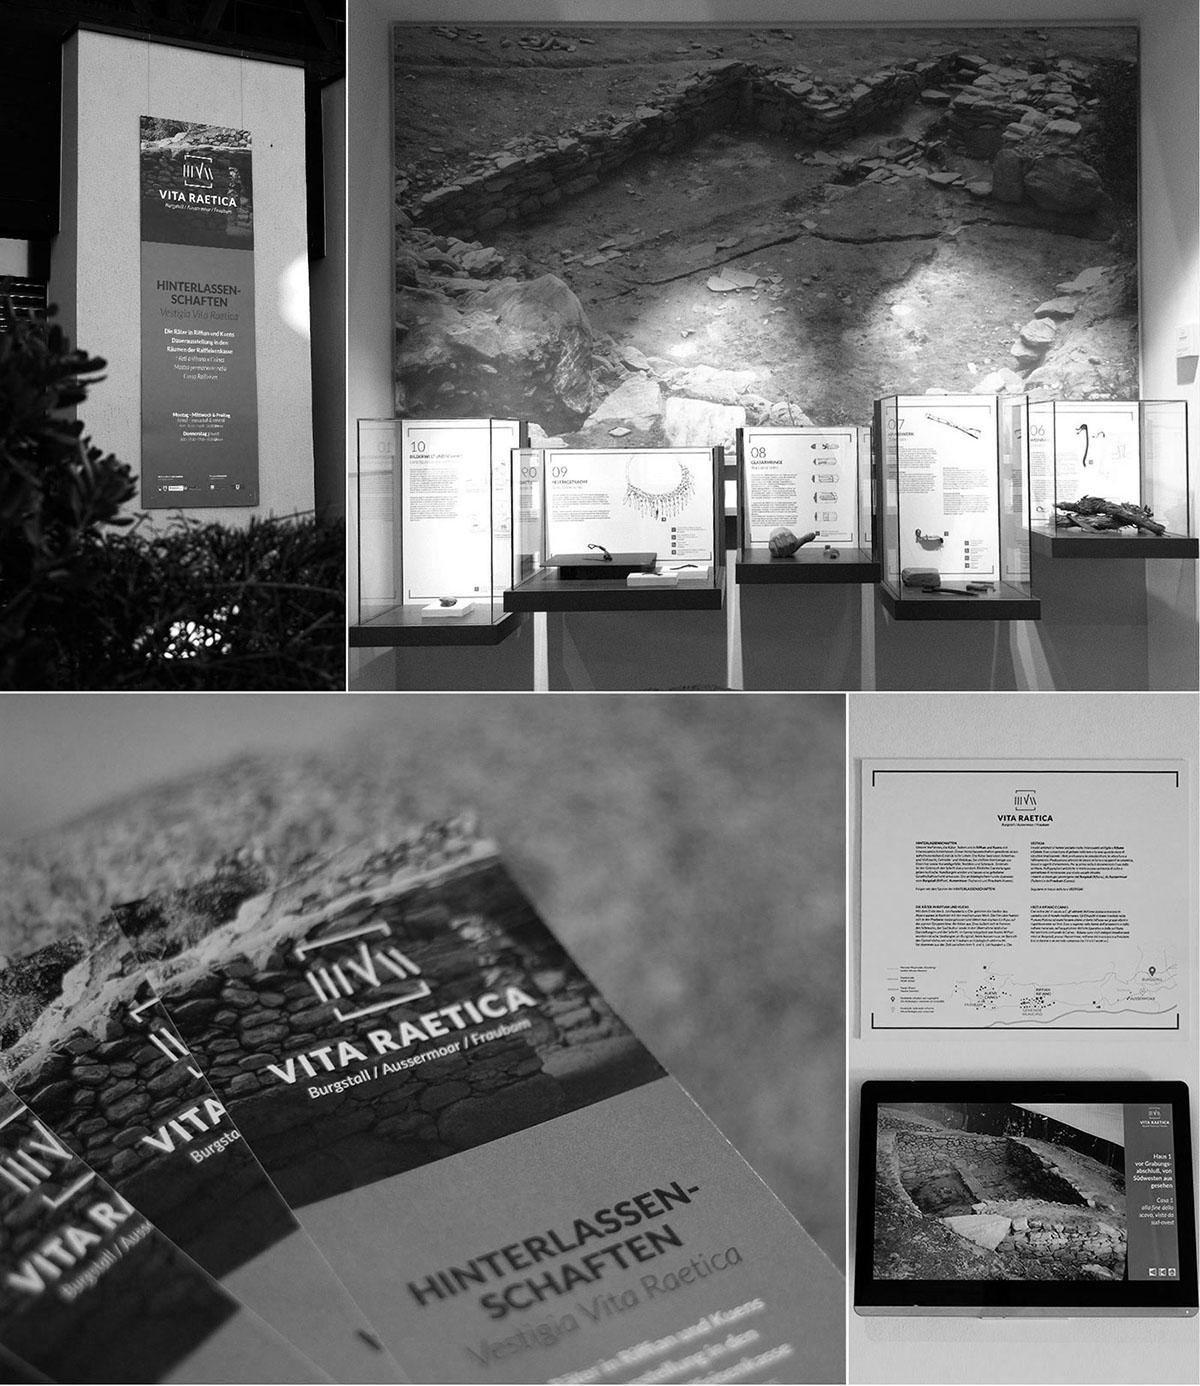 ausstellung logodesign einladung Vitrinen Dauerausstellung Die Räter Hinterlassenschaften Fundstücke lageplan Gesamtkonzept markenidentität Markendesign